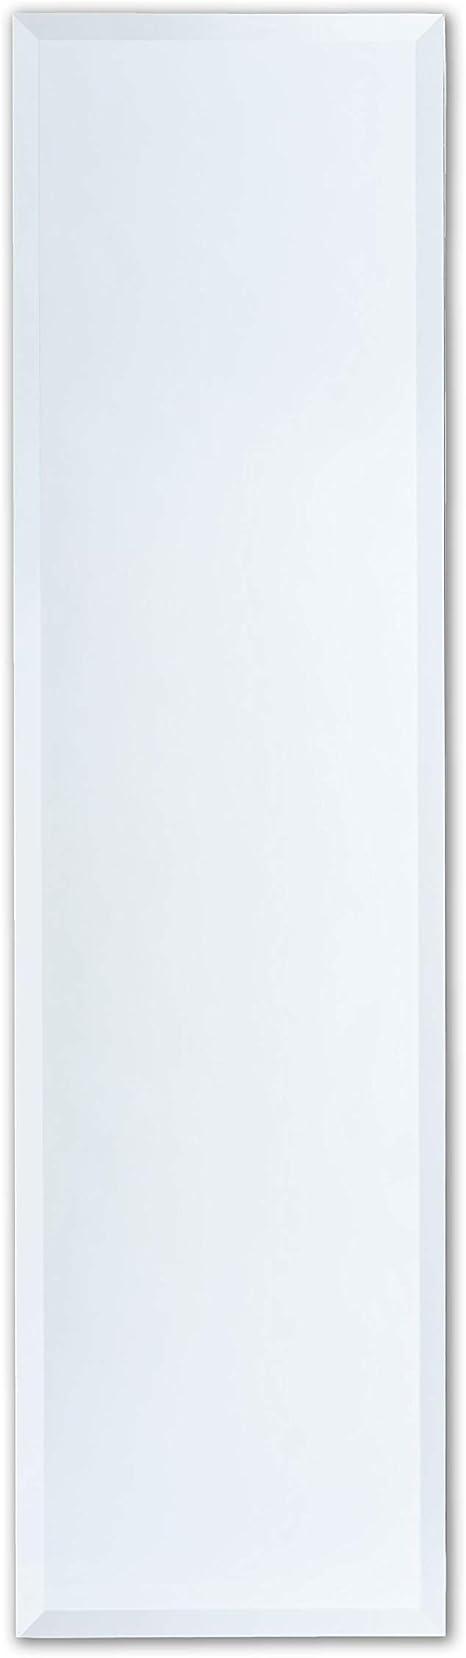 Better Bevel 12 X 48 Frameless Full Length Rectangle Mirror 1 Beveled Edge Wall Mirror Kitchen Dining